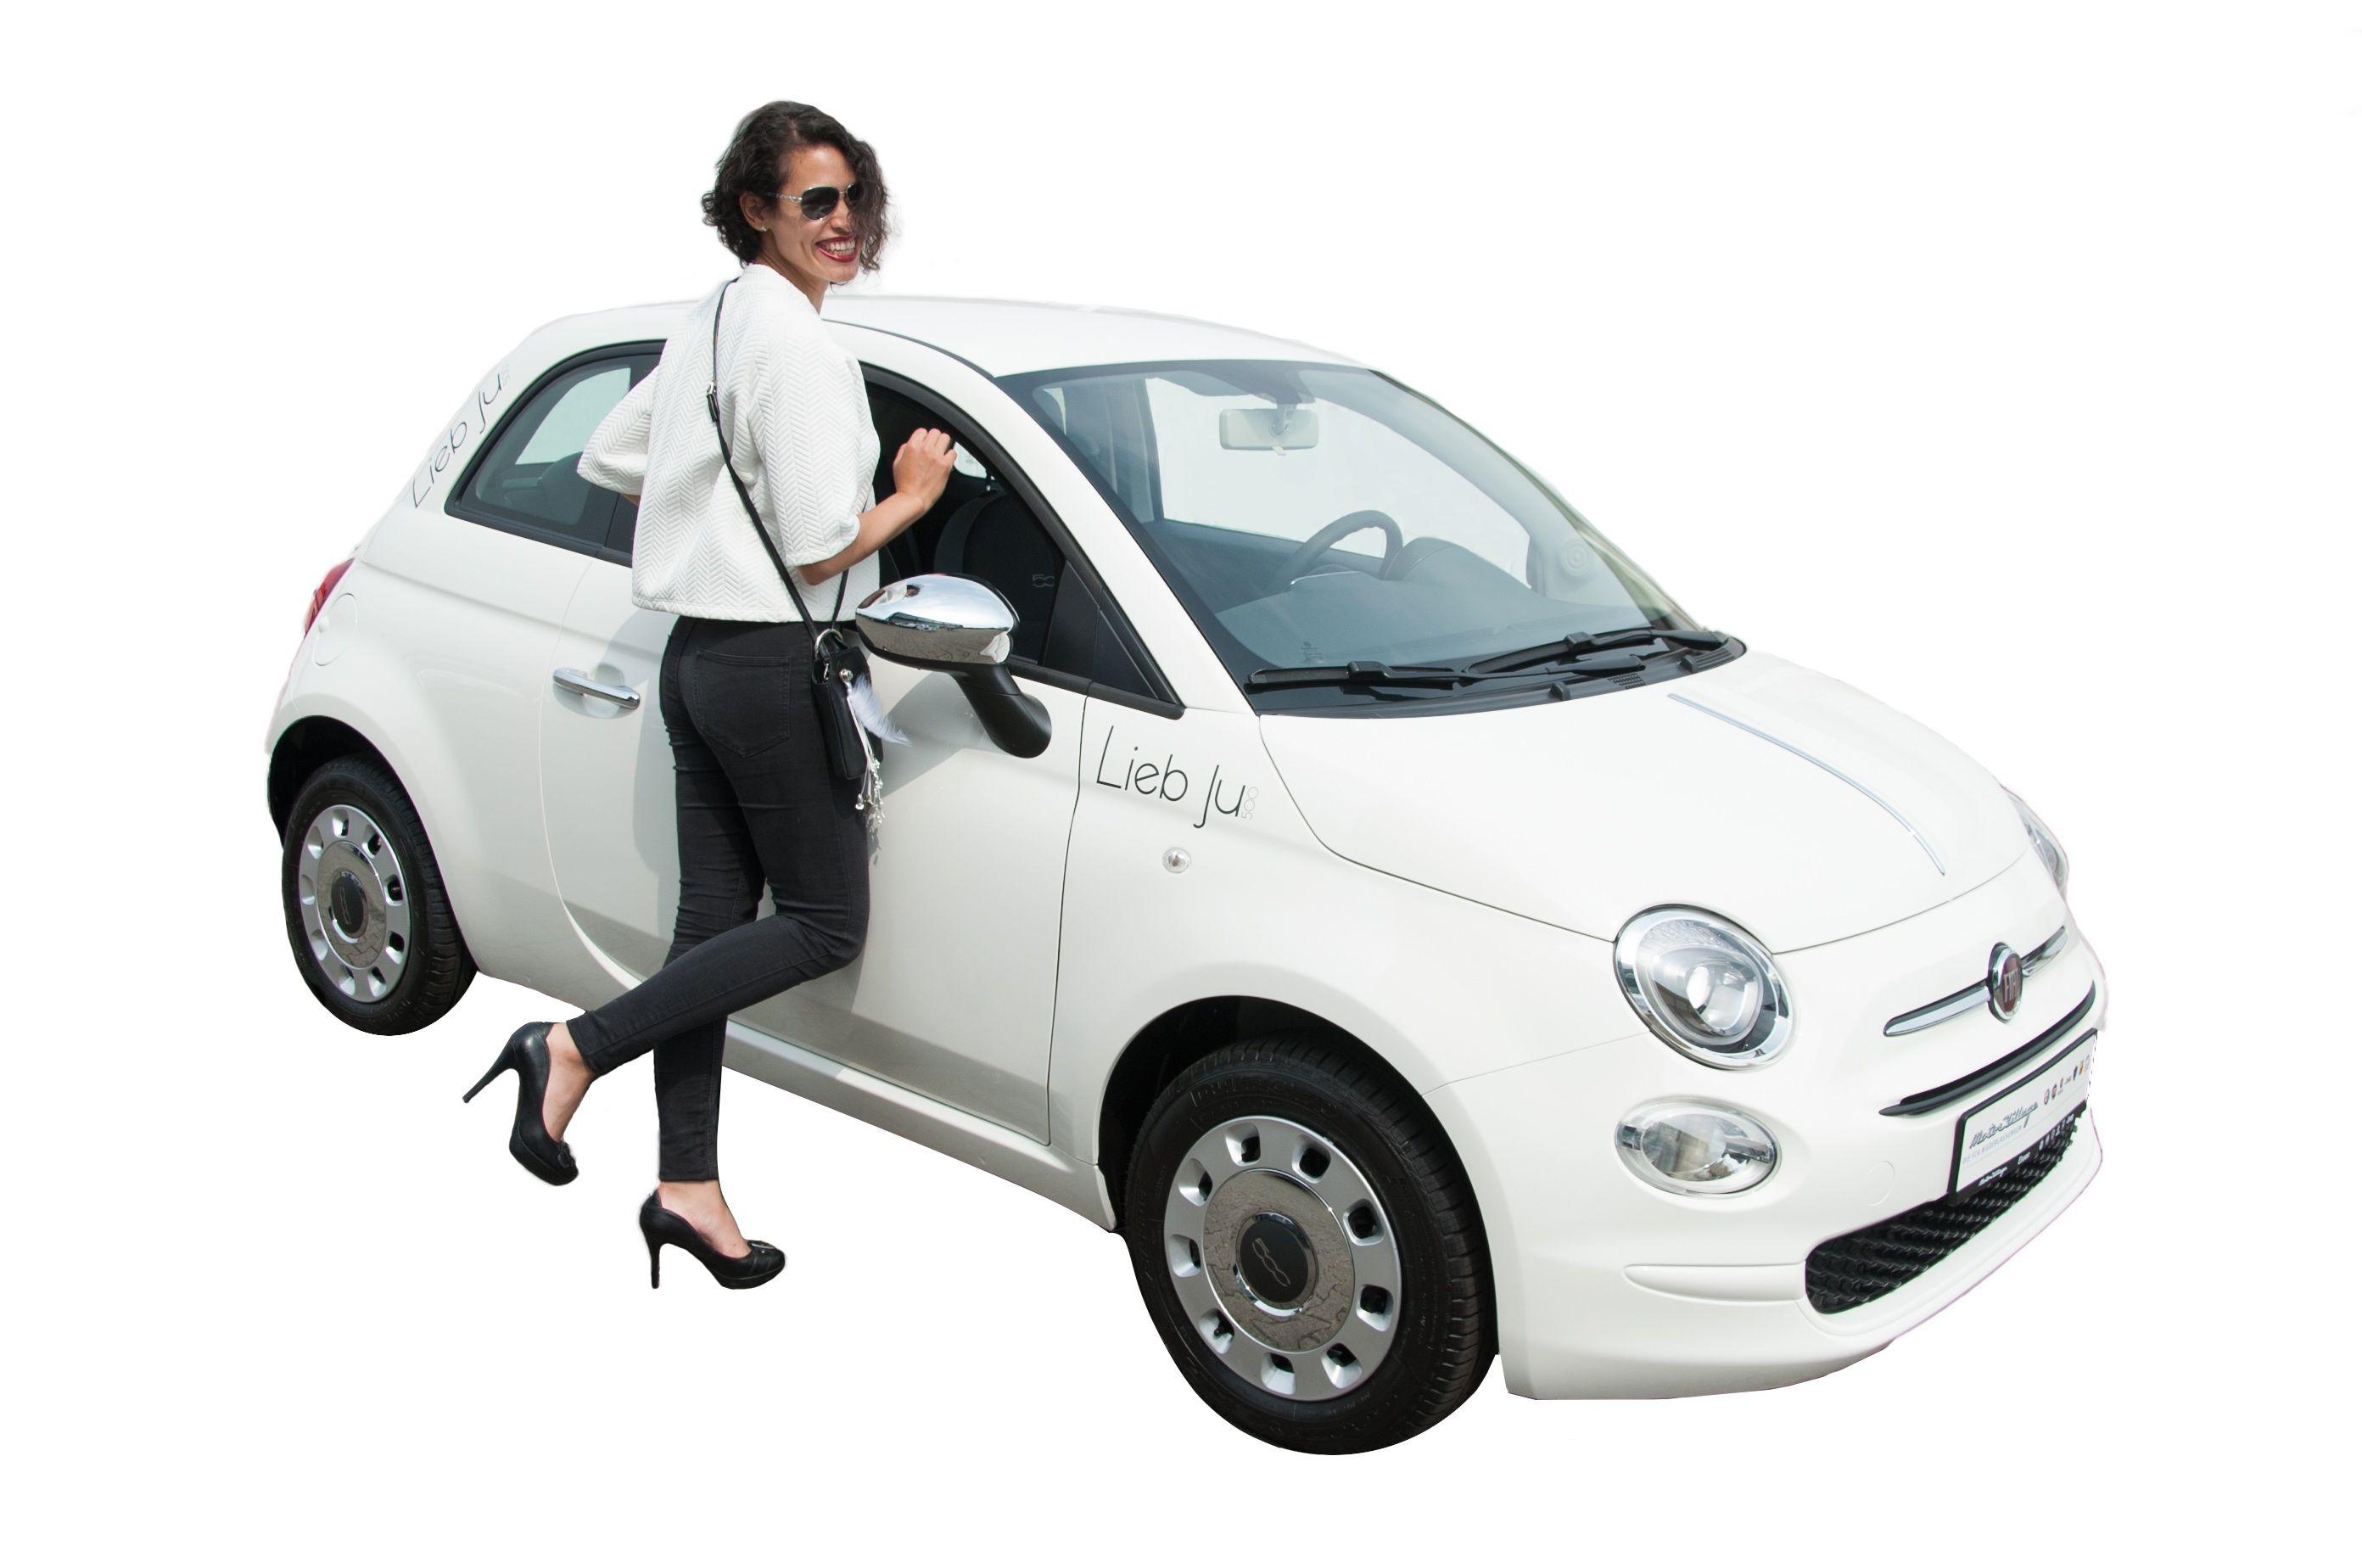 LIEB Ju 500   Lieb Ju - Lieb Ju 500 - It's magic. Das Kult-Auto. 99 € Leasing ohne Anzahlung inkl. Geschenke im Wert von ca. 1.250 € -> Erfahre mehr unter: http://liebju.com/LIEB-Ju-500/ (Bitte teilen)